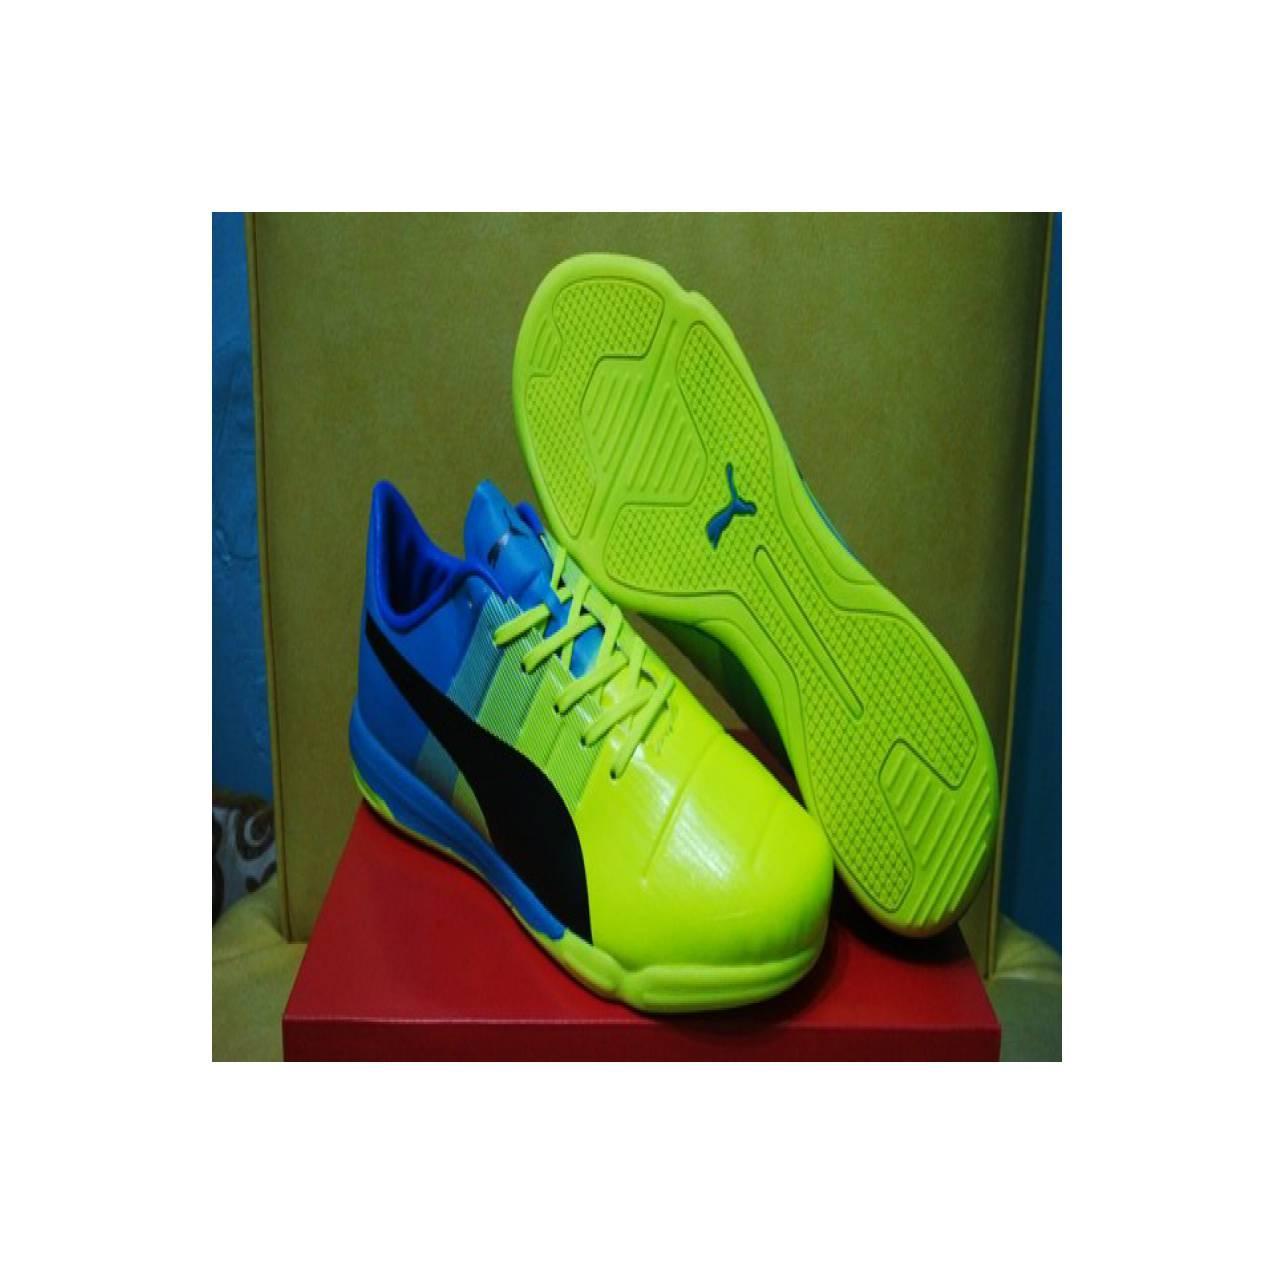 Sepatu Futsal - Puma Evopower 1.3 Safety Yellow